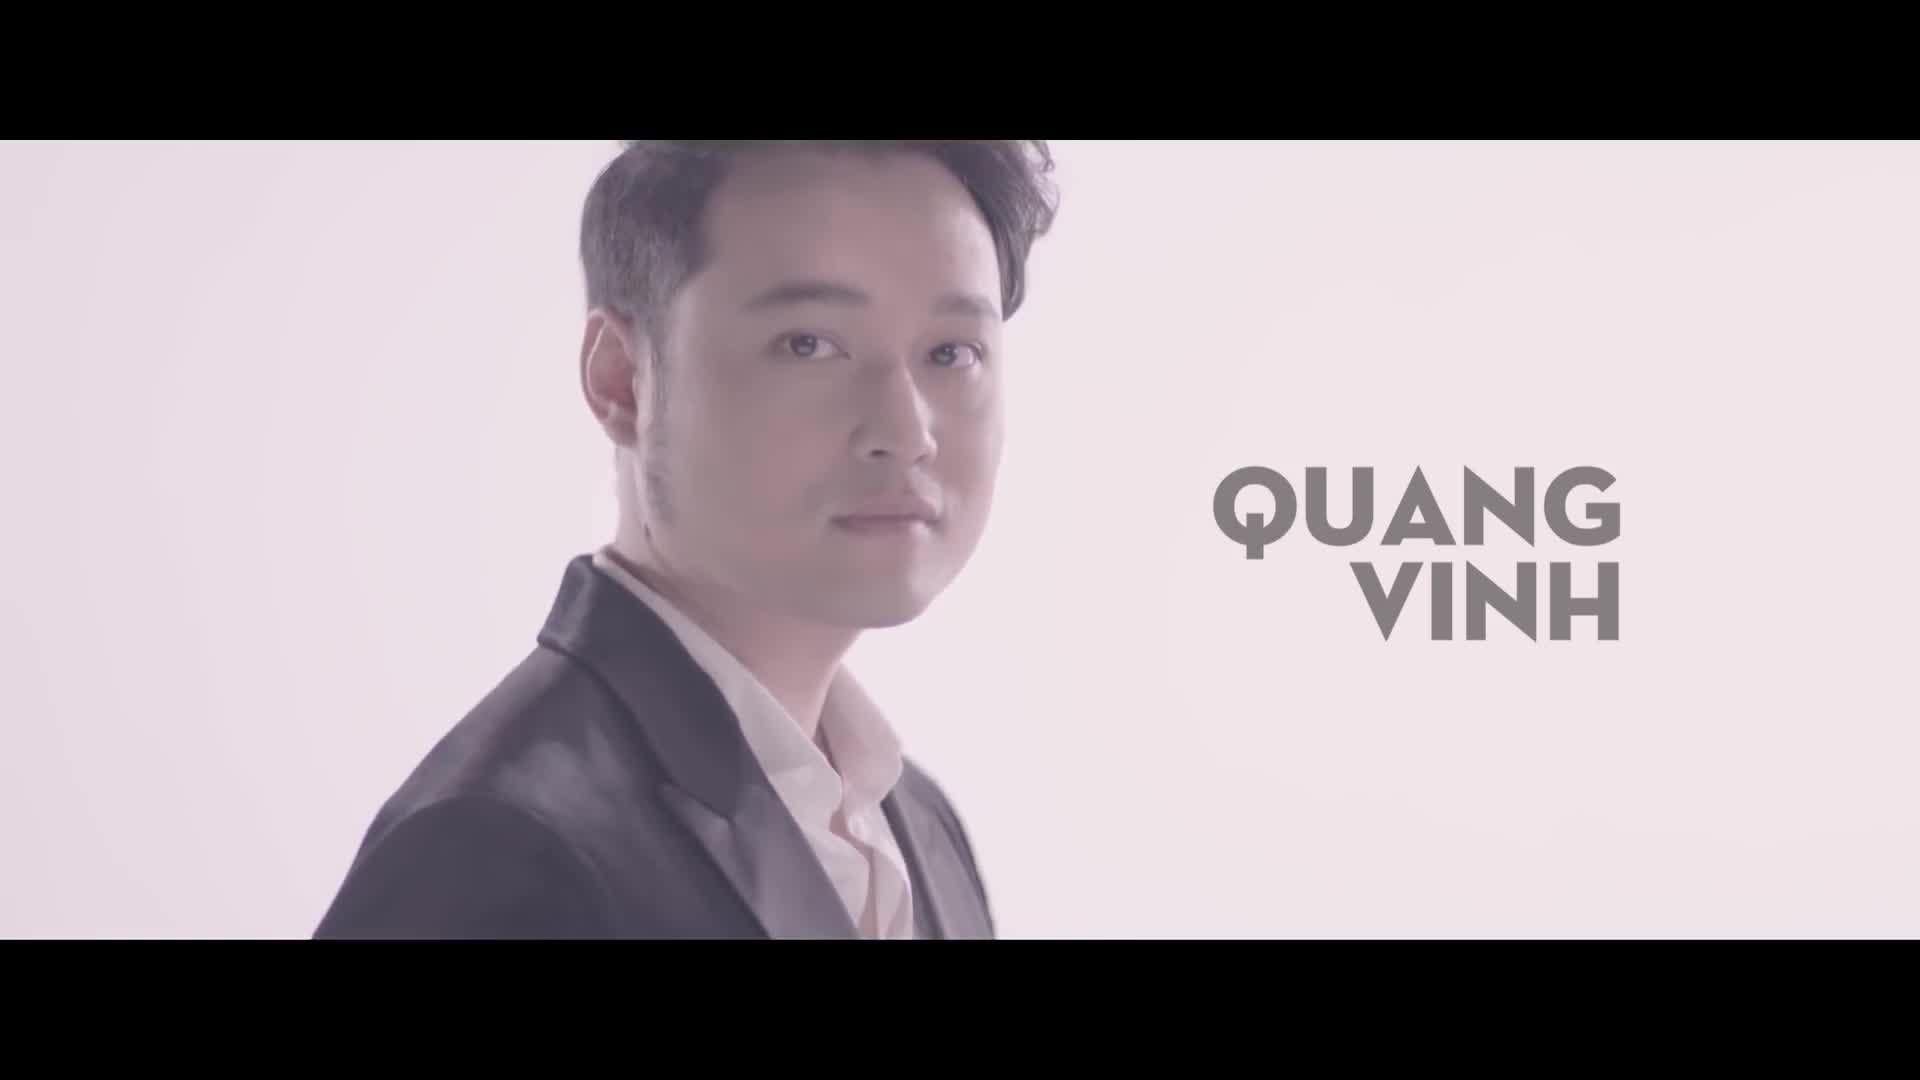 Quang Vinh bất ngờ kết hợp Chi Dân tái hiện bản hit tròn 1 thập kỷ ảnh 0